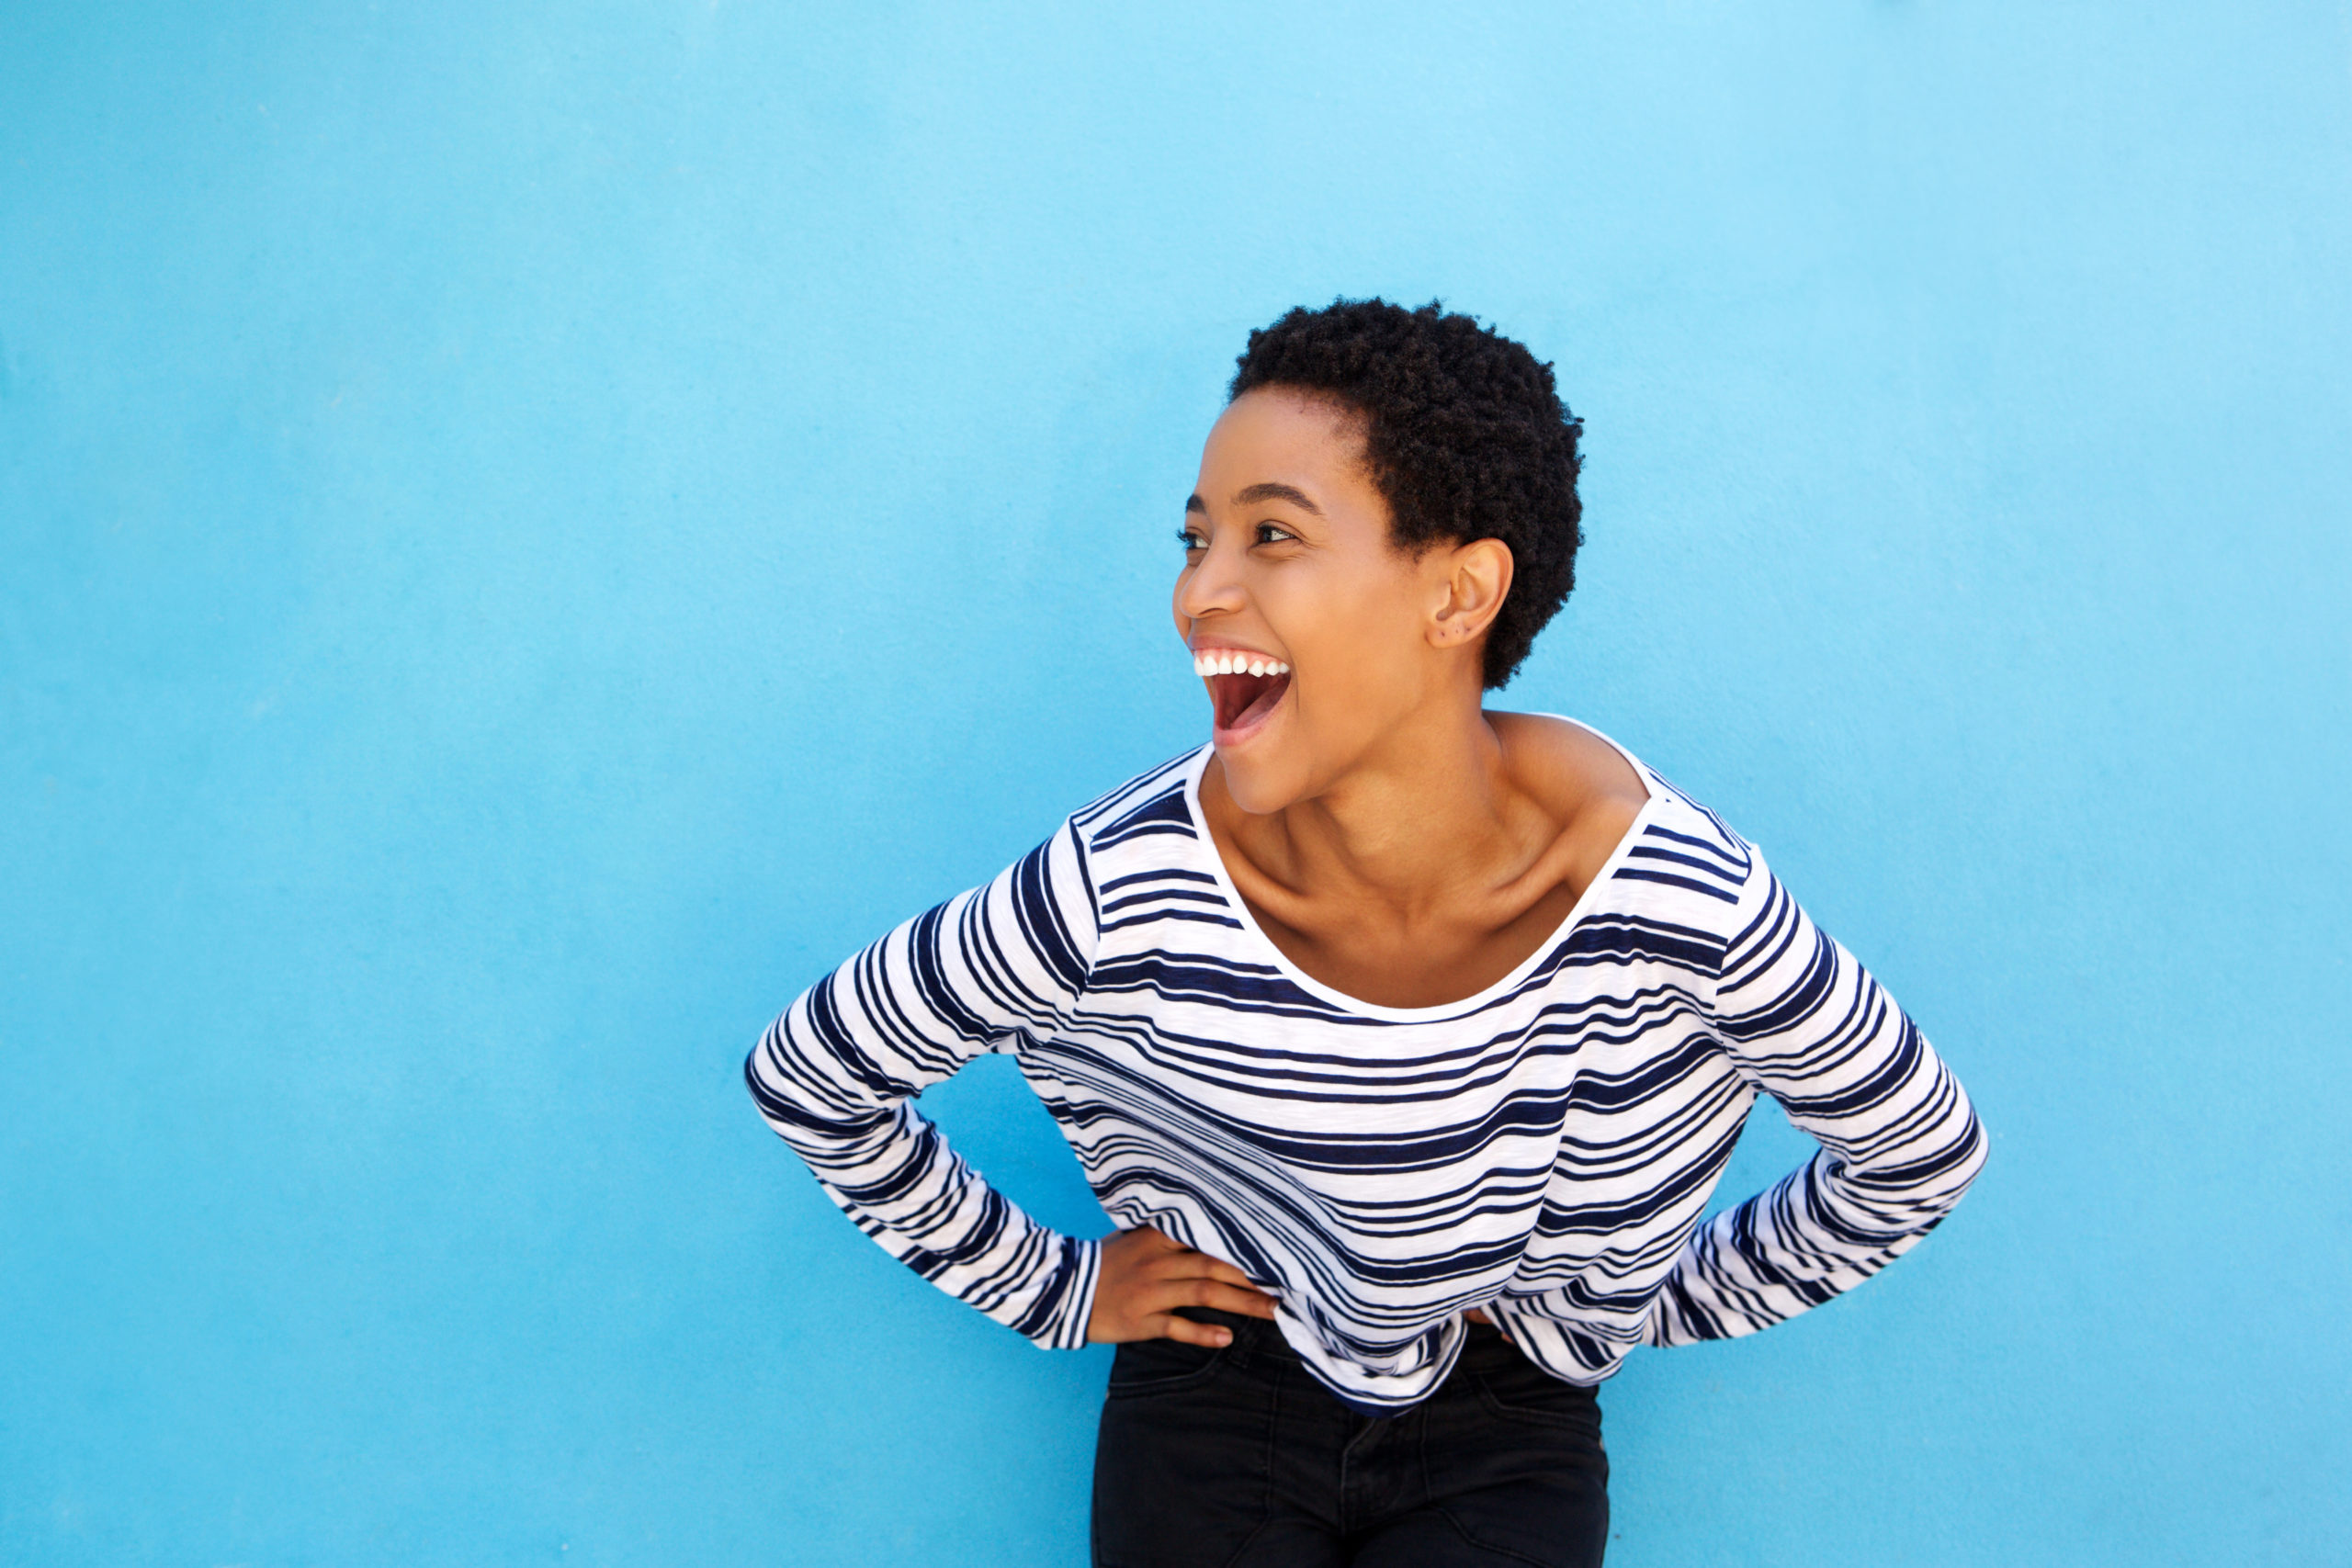 ¡Sonríe! 6 increíbles beneficios de reír para tu salud